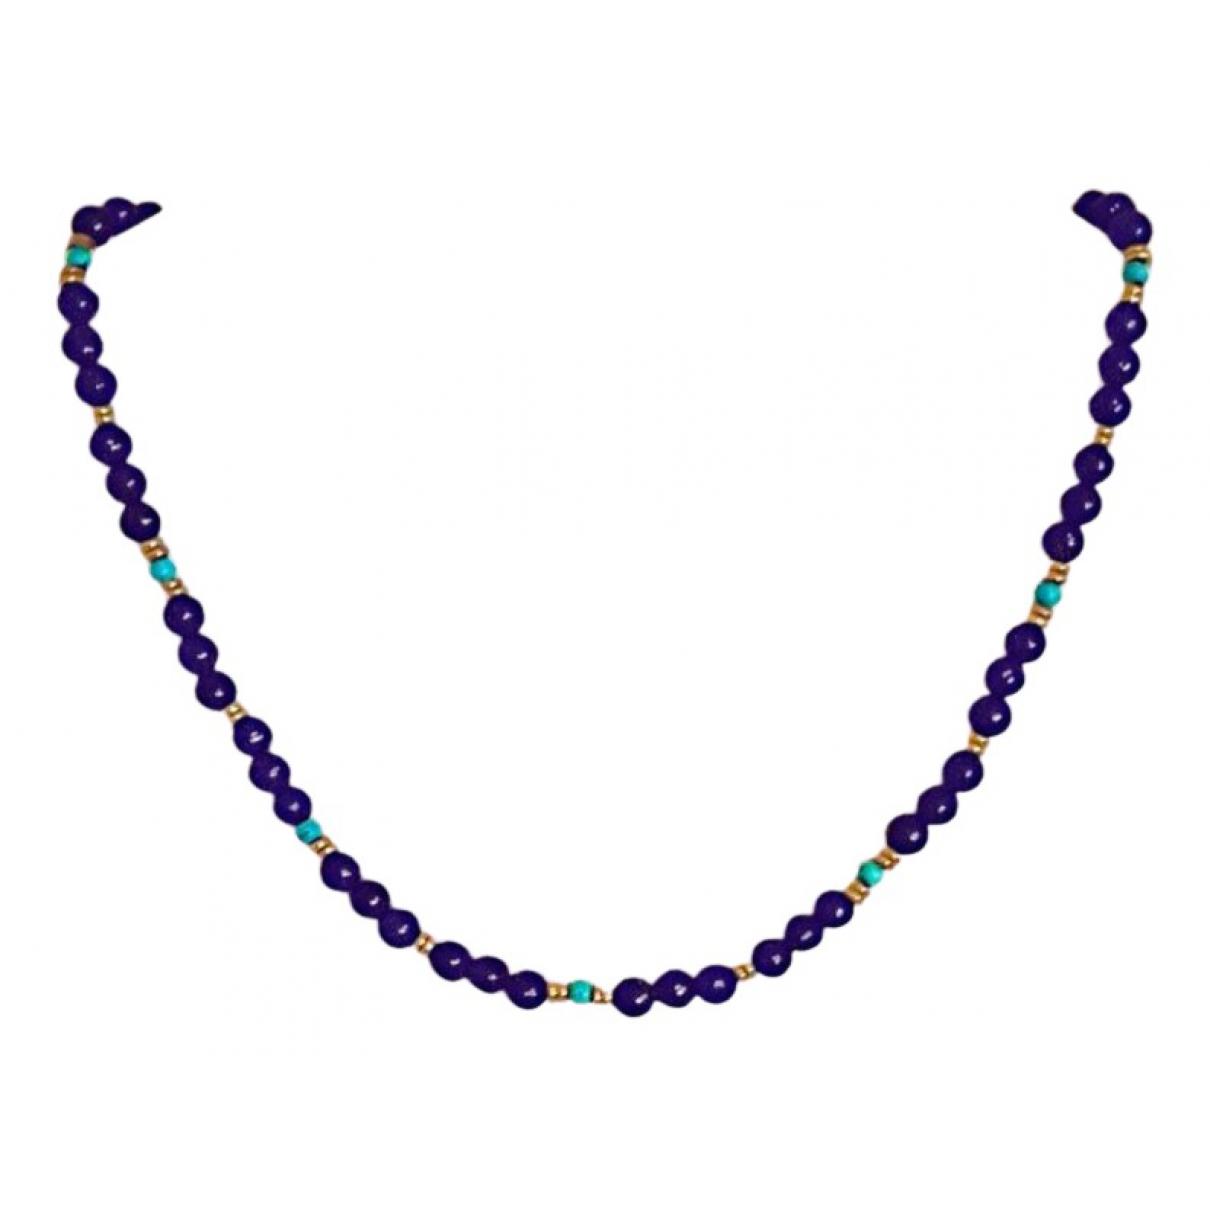 - Collier Lapis lazuli pour femme en plaque or - bleu